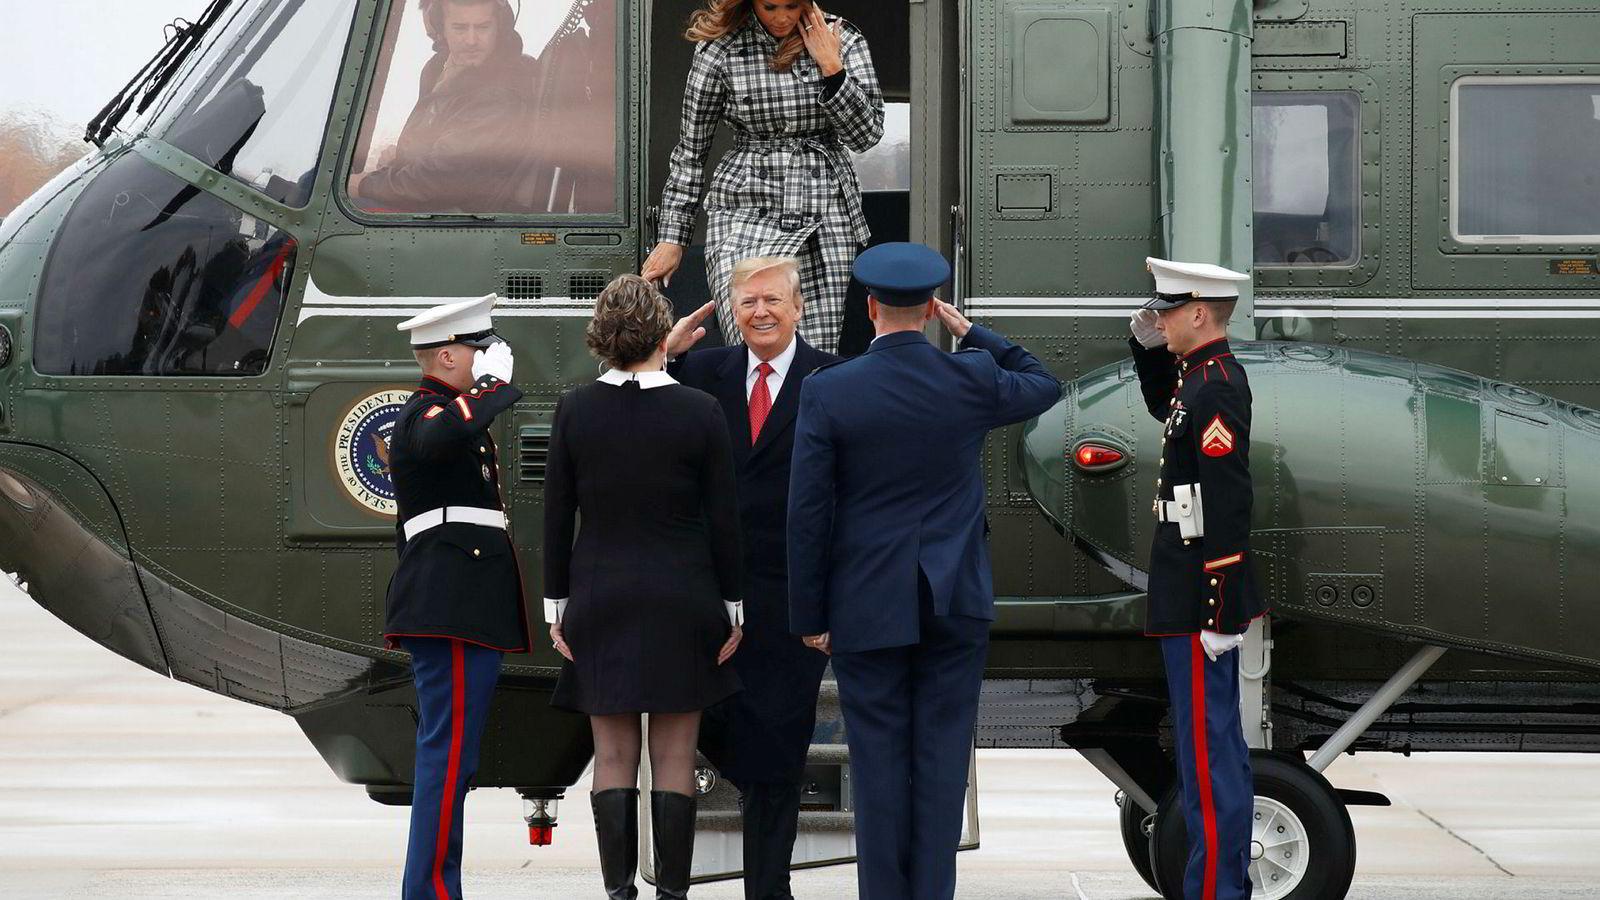 - Kanskje Europa først skal betale for sin del av NATO, som USA i stor grad subsidierer, svarte president Donald Trump fredag på den franske presidens forslag om en europeisk hær.